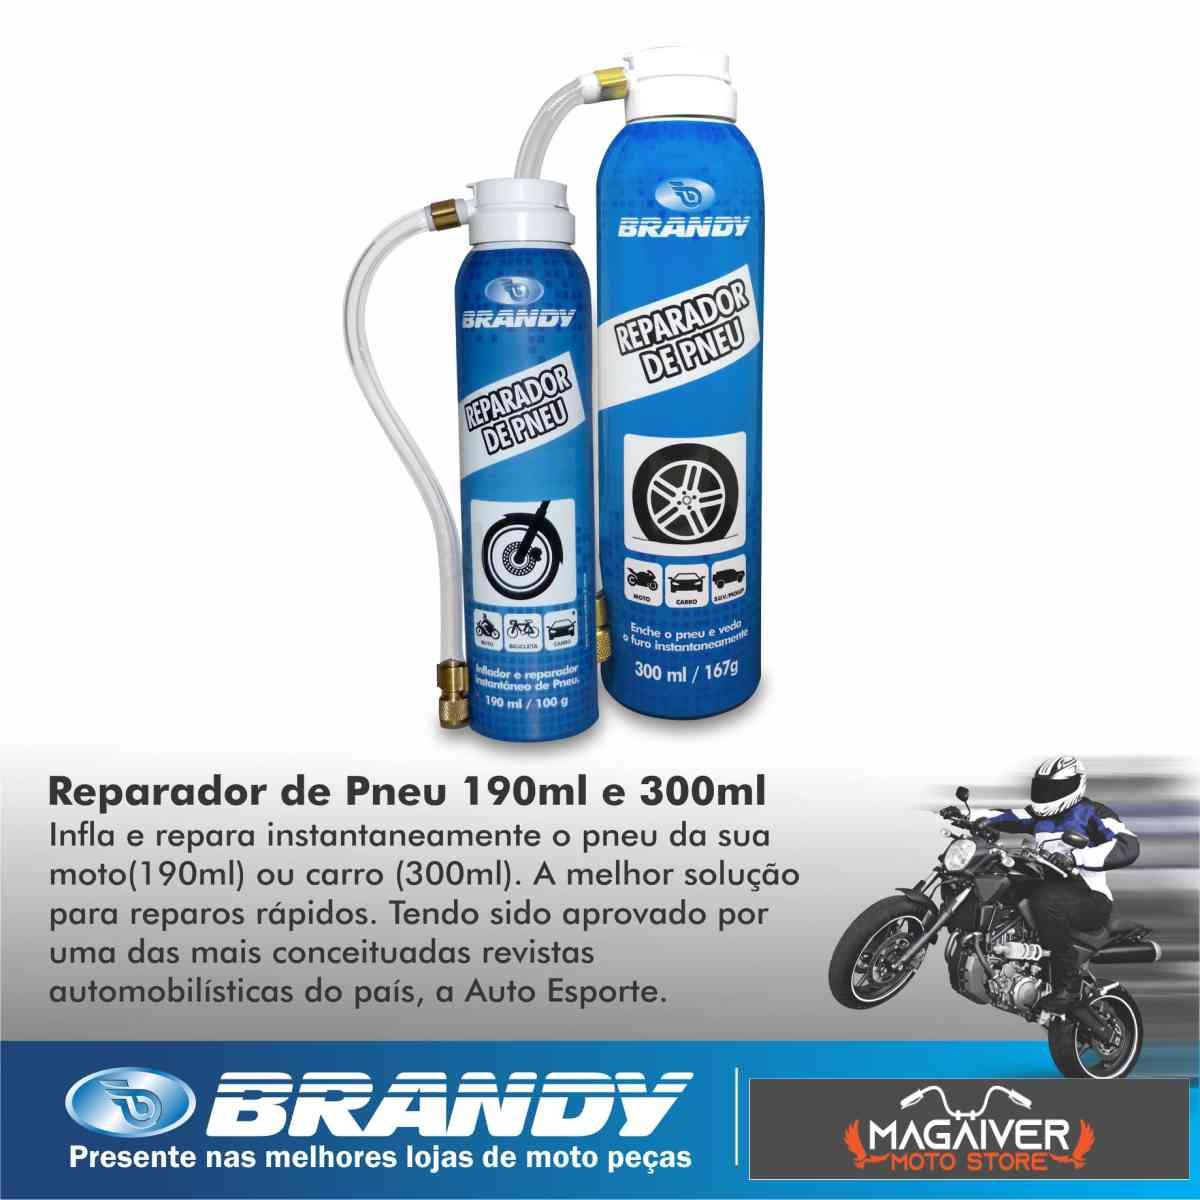 KIT COM 4 REPARADOR SELADOR DE PNEU DE MOTO FURADO BRANDY 190ML